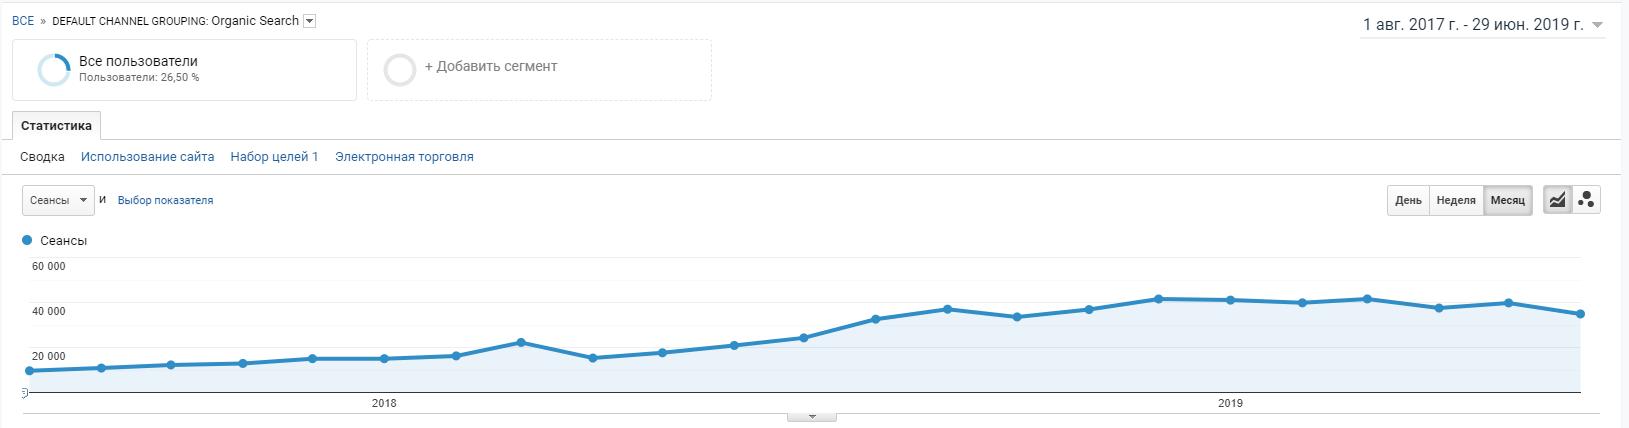 График динамики